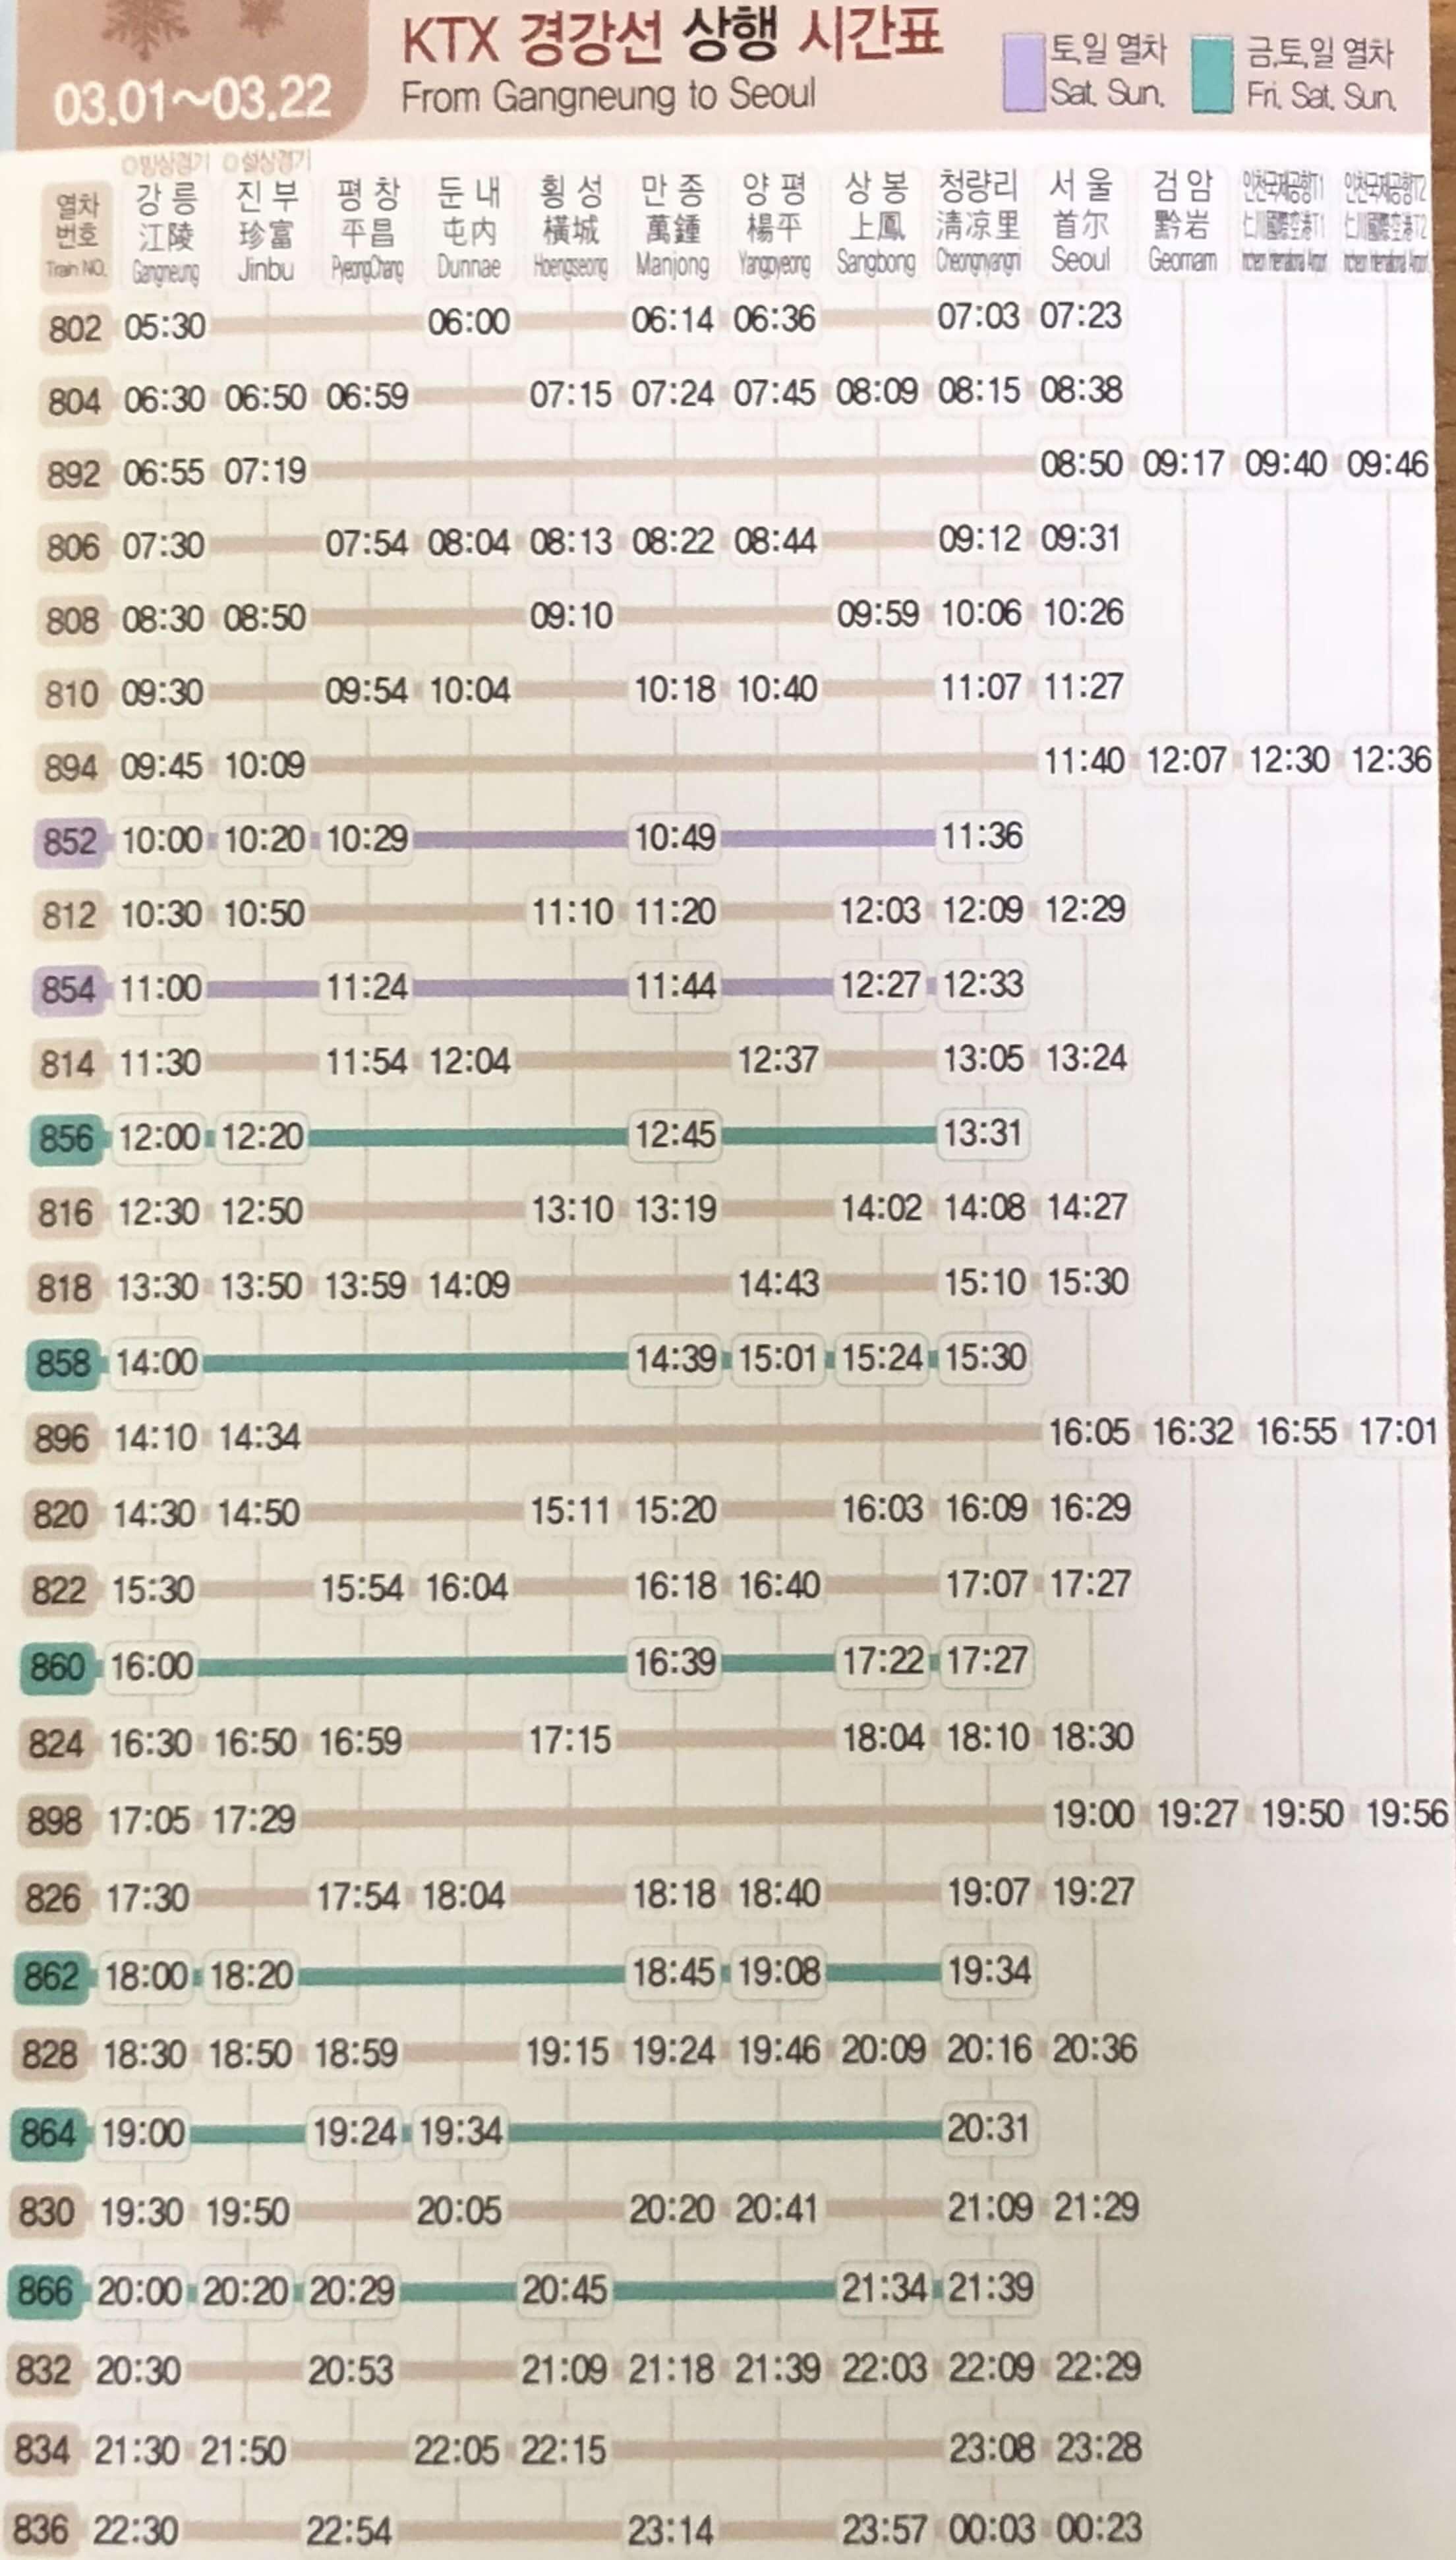 江陵(カンヌン)からソウルのKTXの時刻表の時刻表(3月1日~3月22日)